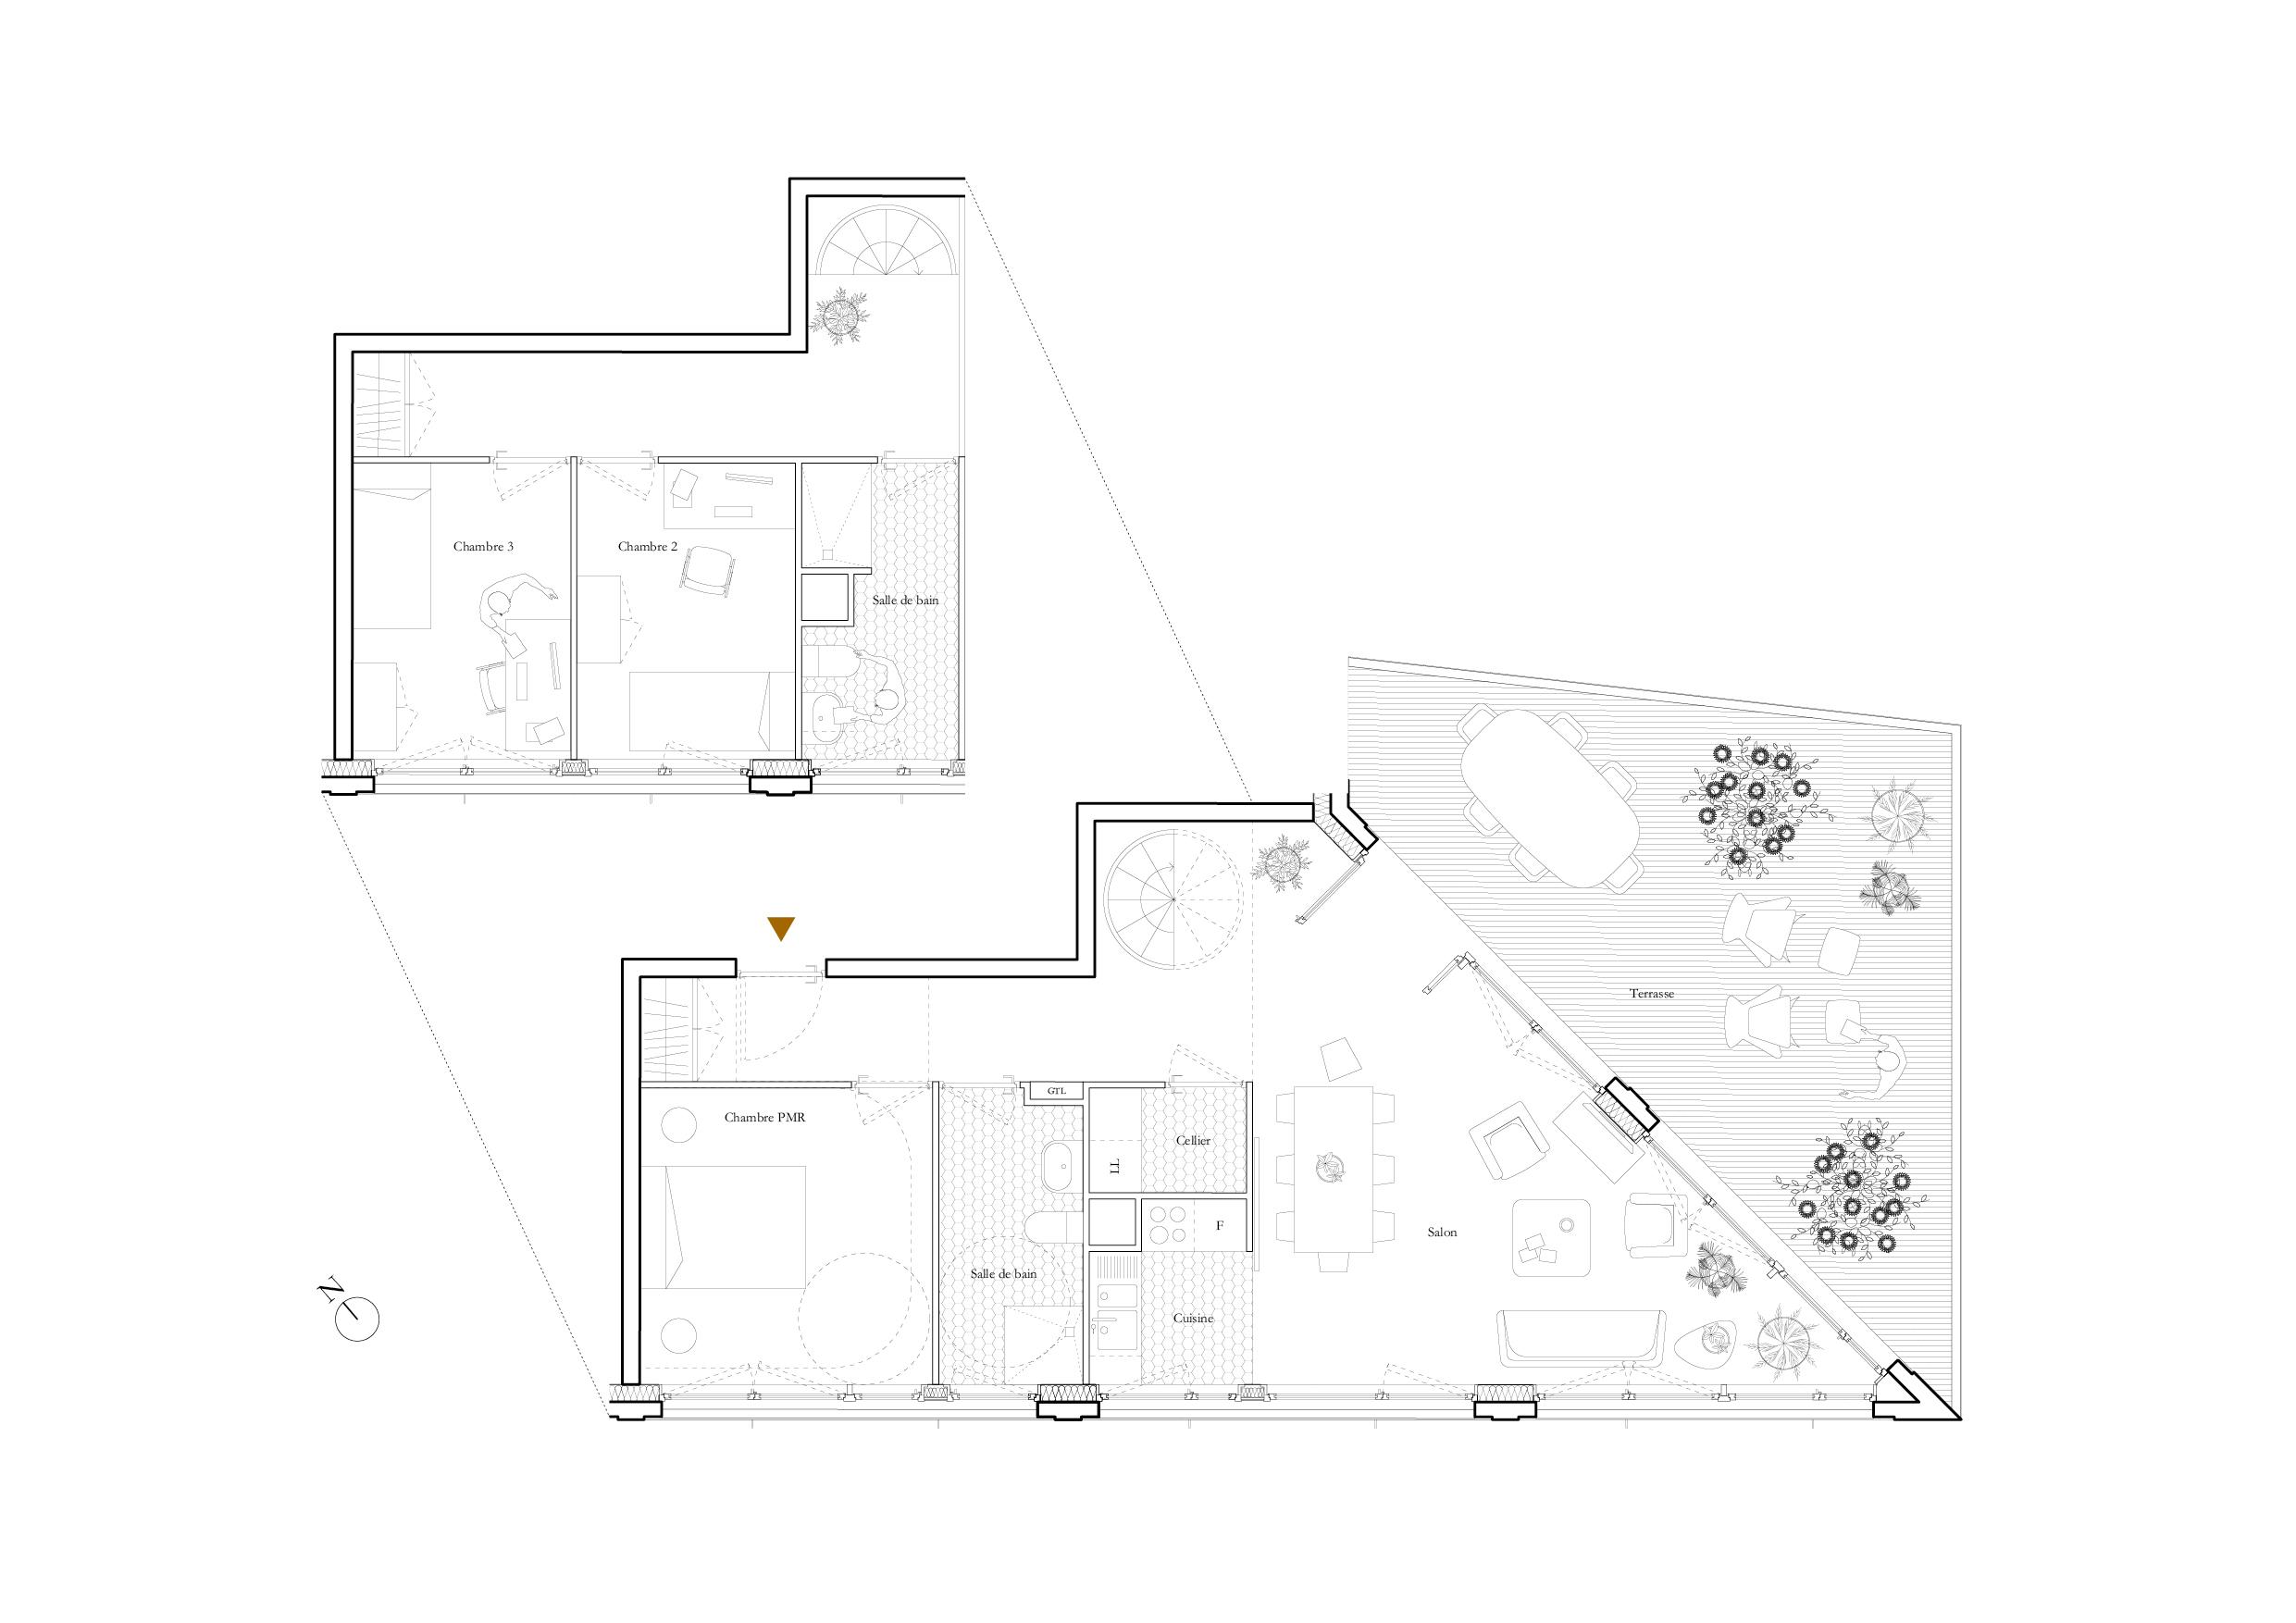 Carrelage Salle De Bain Frazzi ~ Plan Maison T2 Gallery Of Plan De Maison With Plan Maison T2